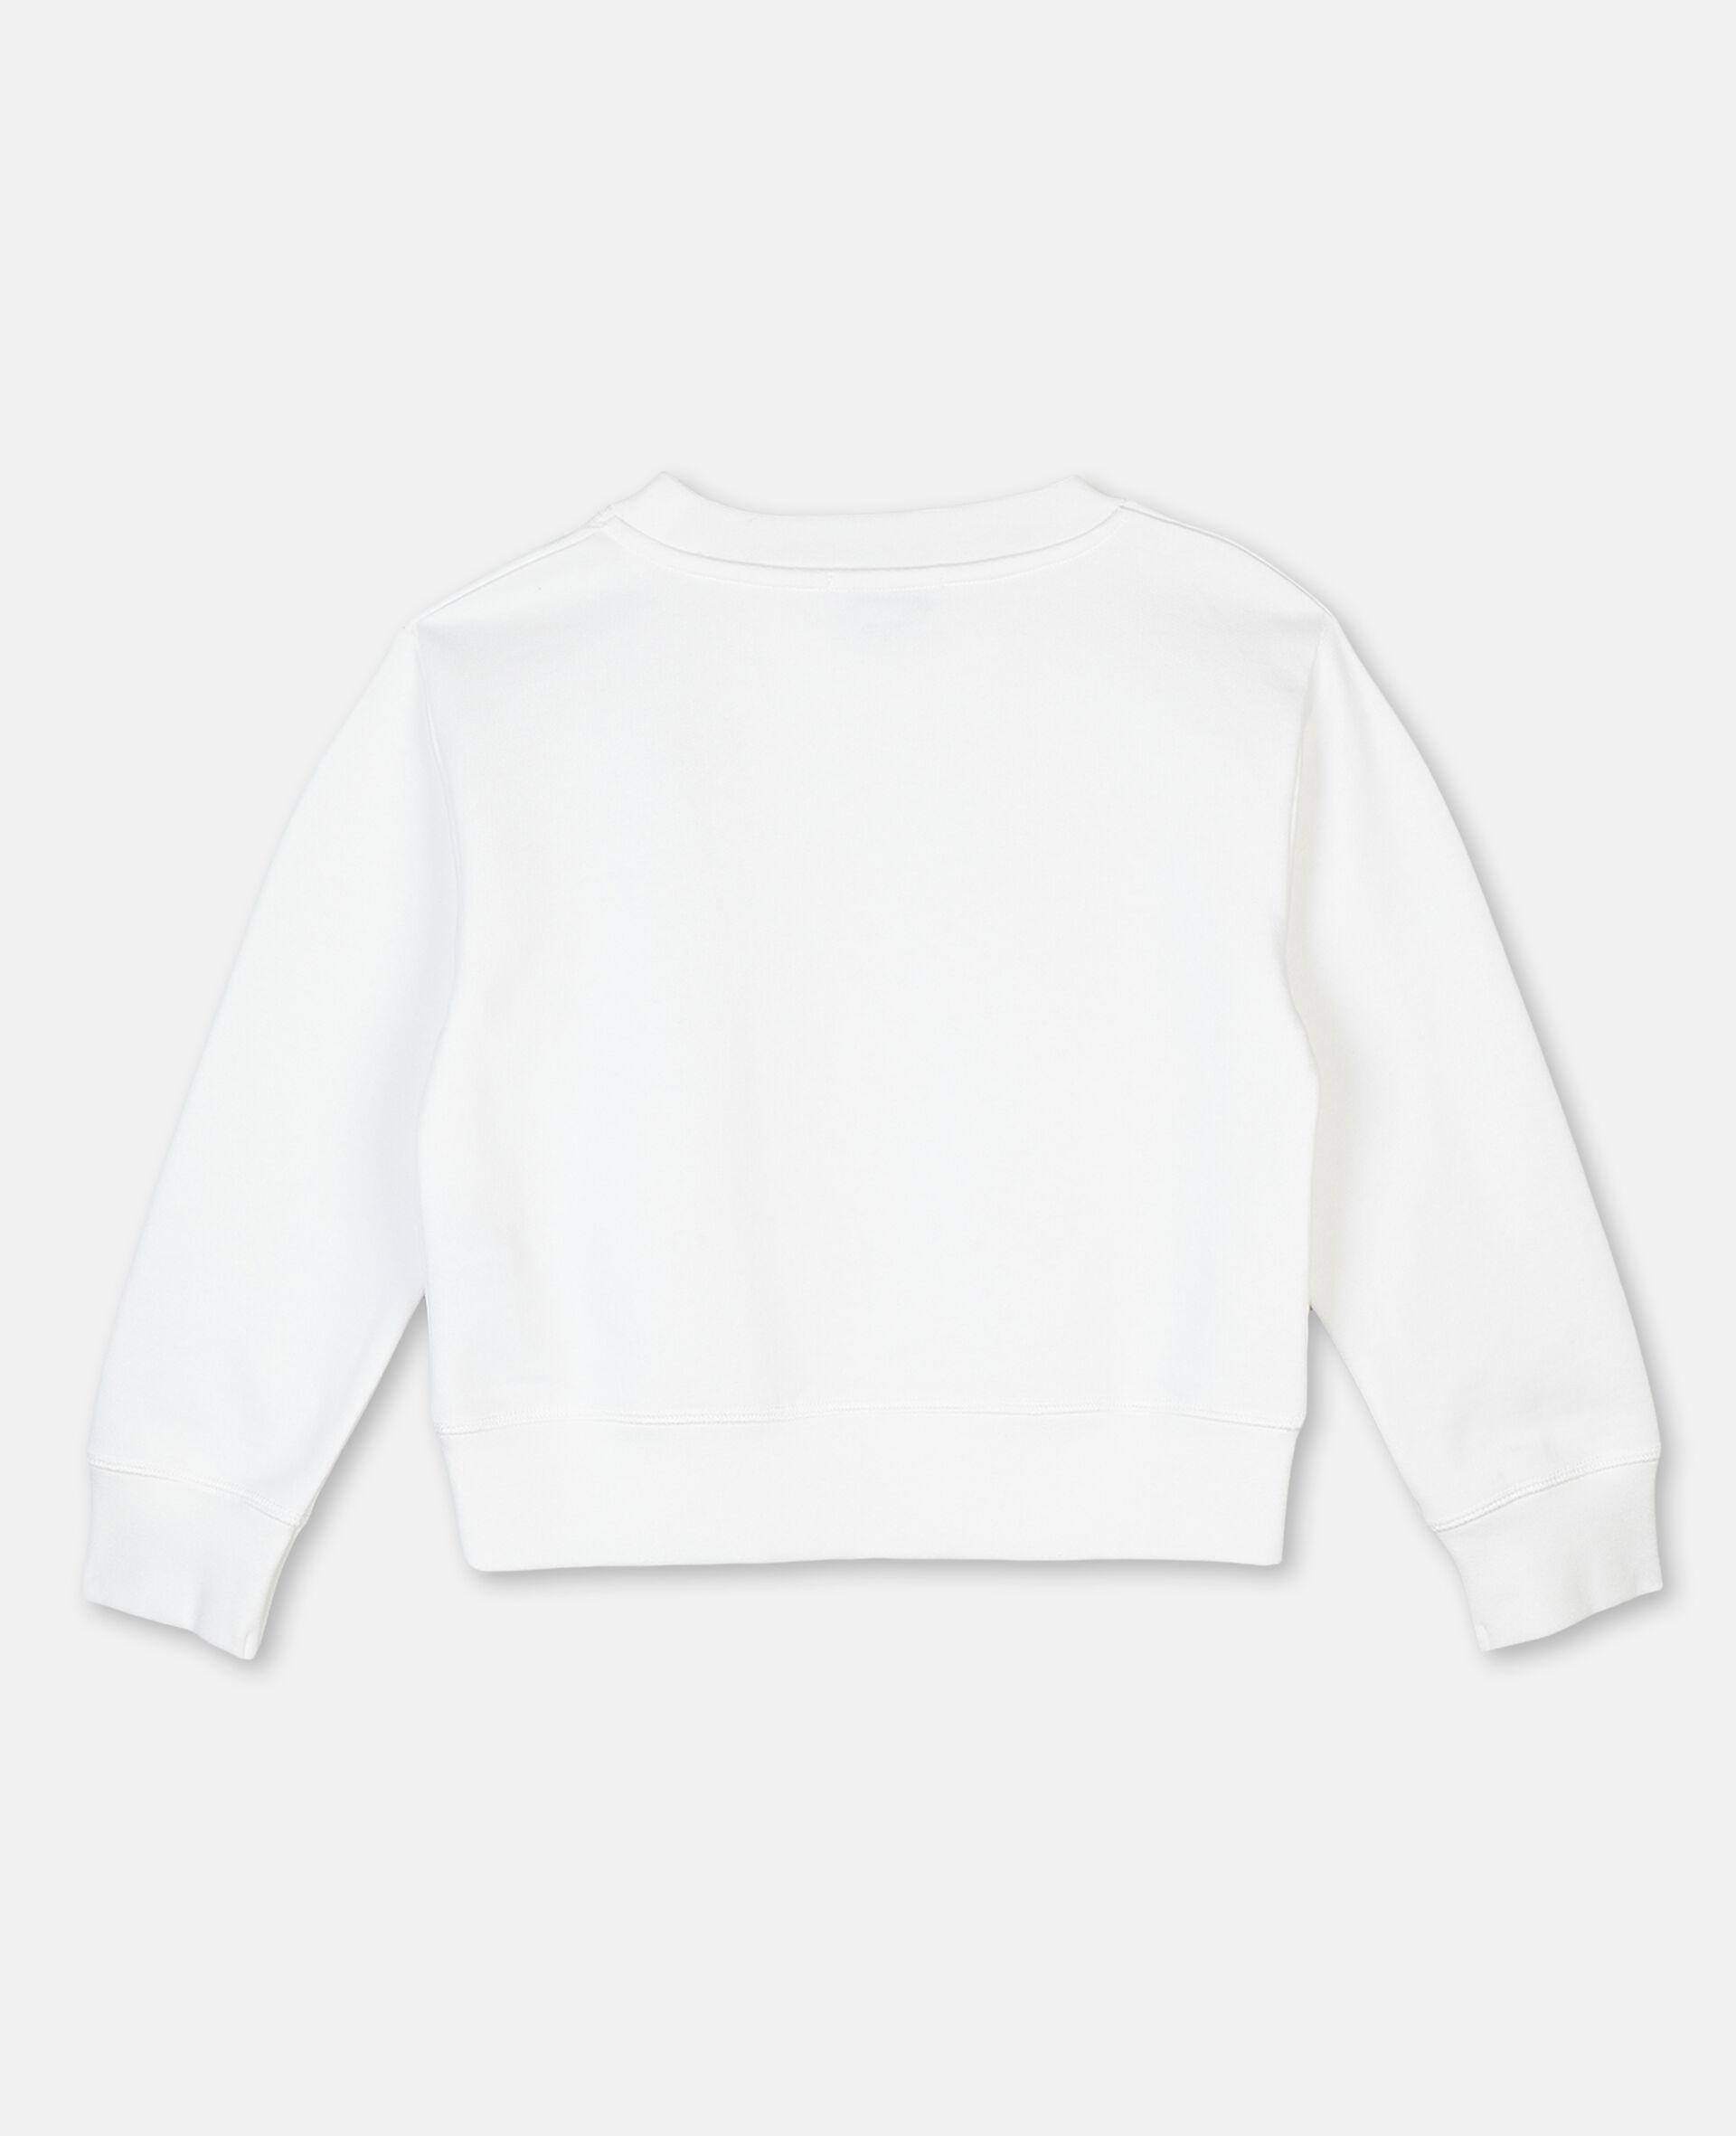 Baumwollfleece-Sweatshirt mit Palmen-Print -Weiß-large image number 3